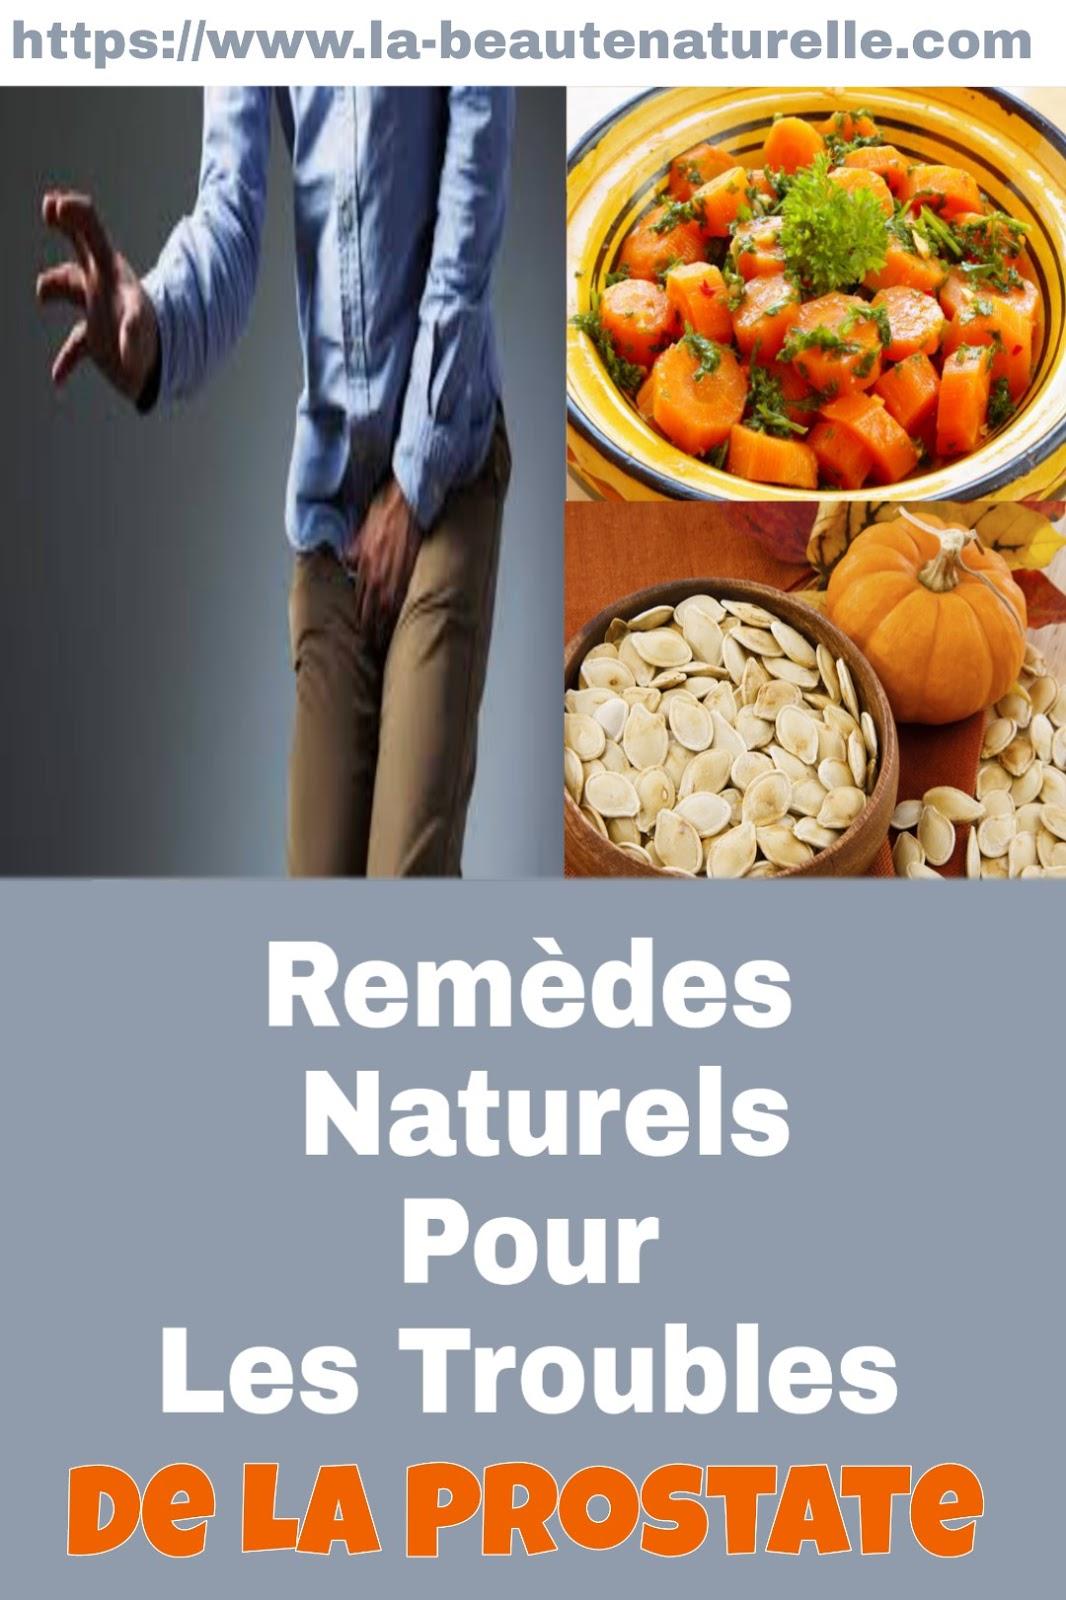 Remèdes Naturels Pour Les Troubles De La Prostate